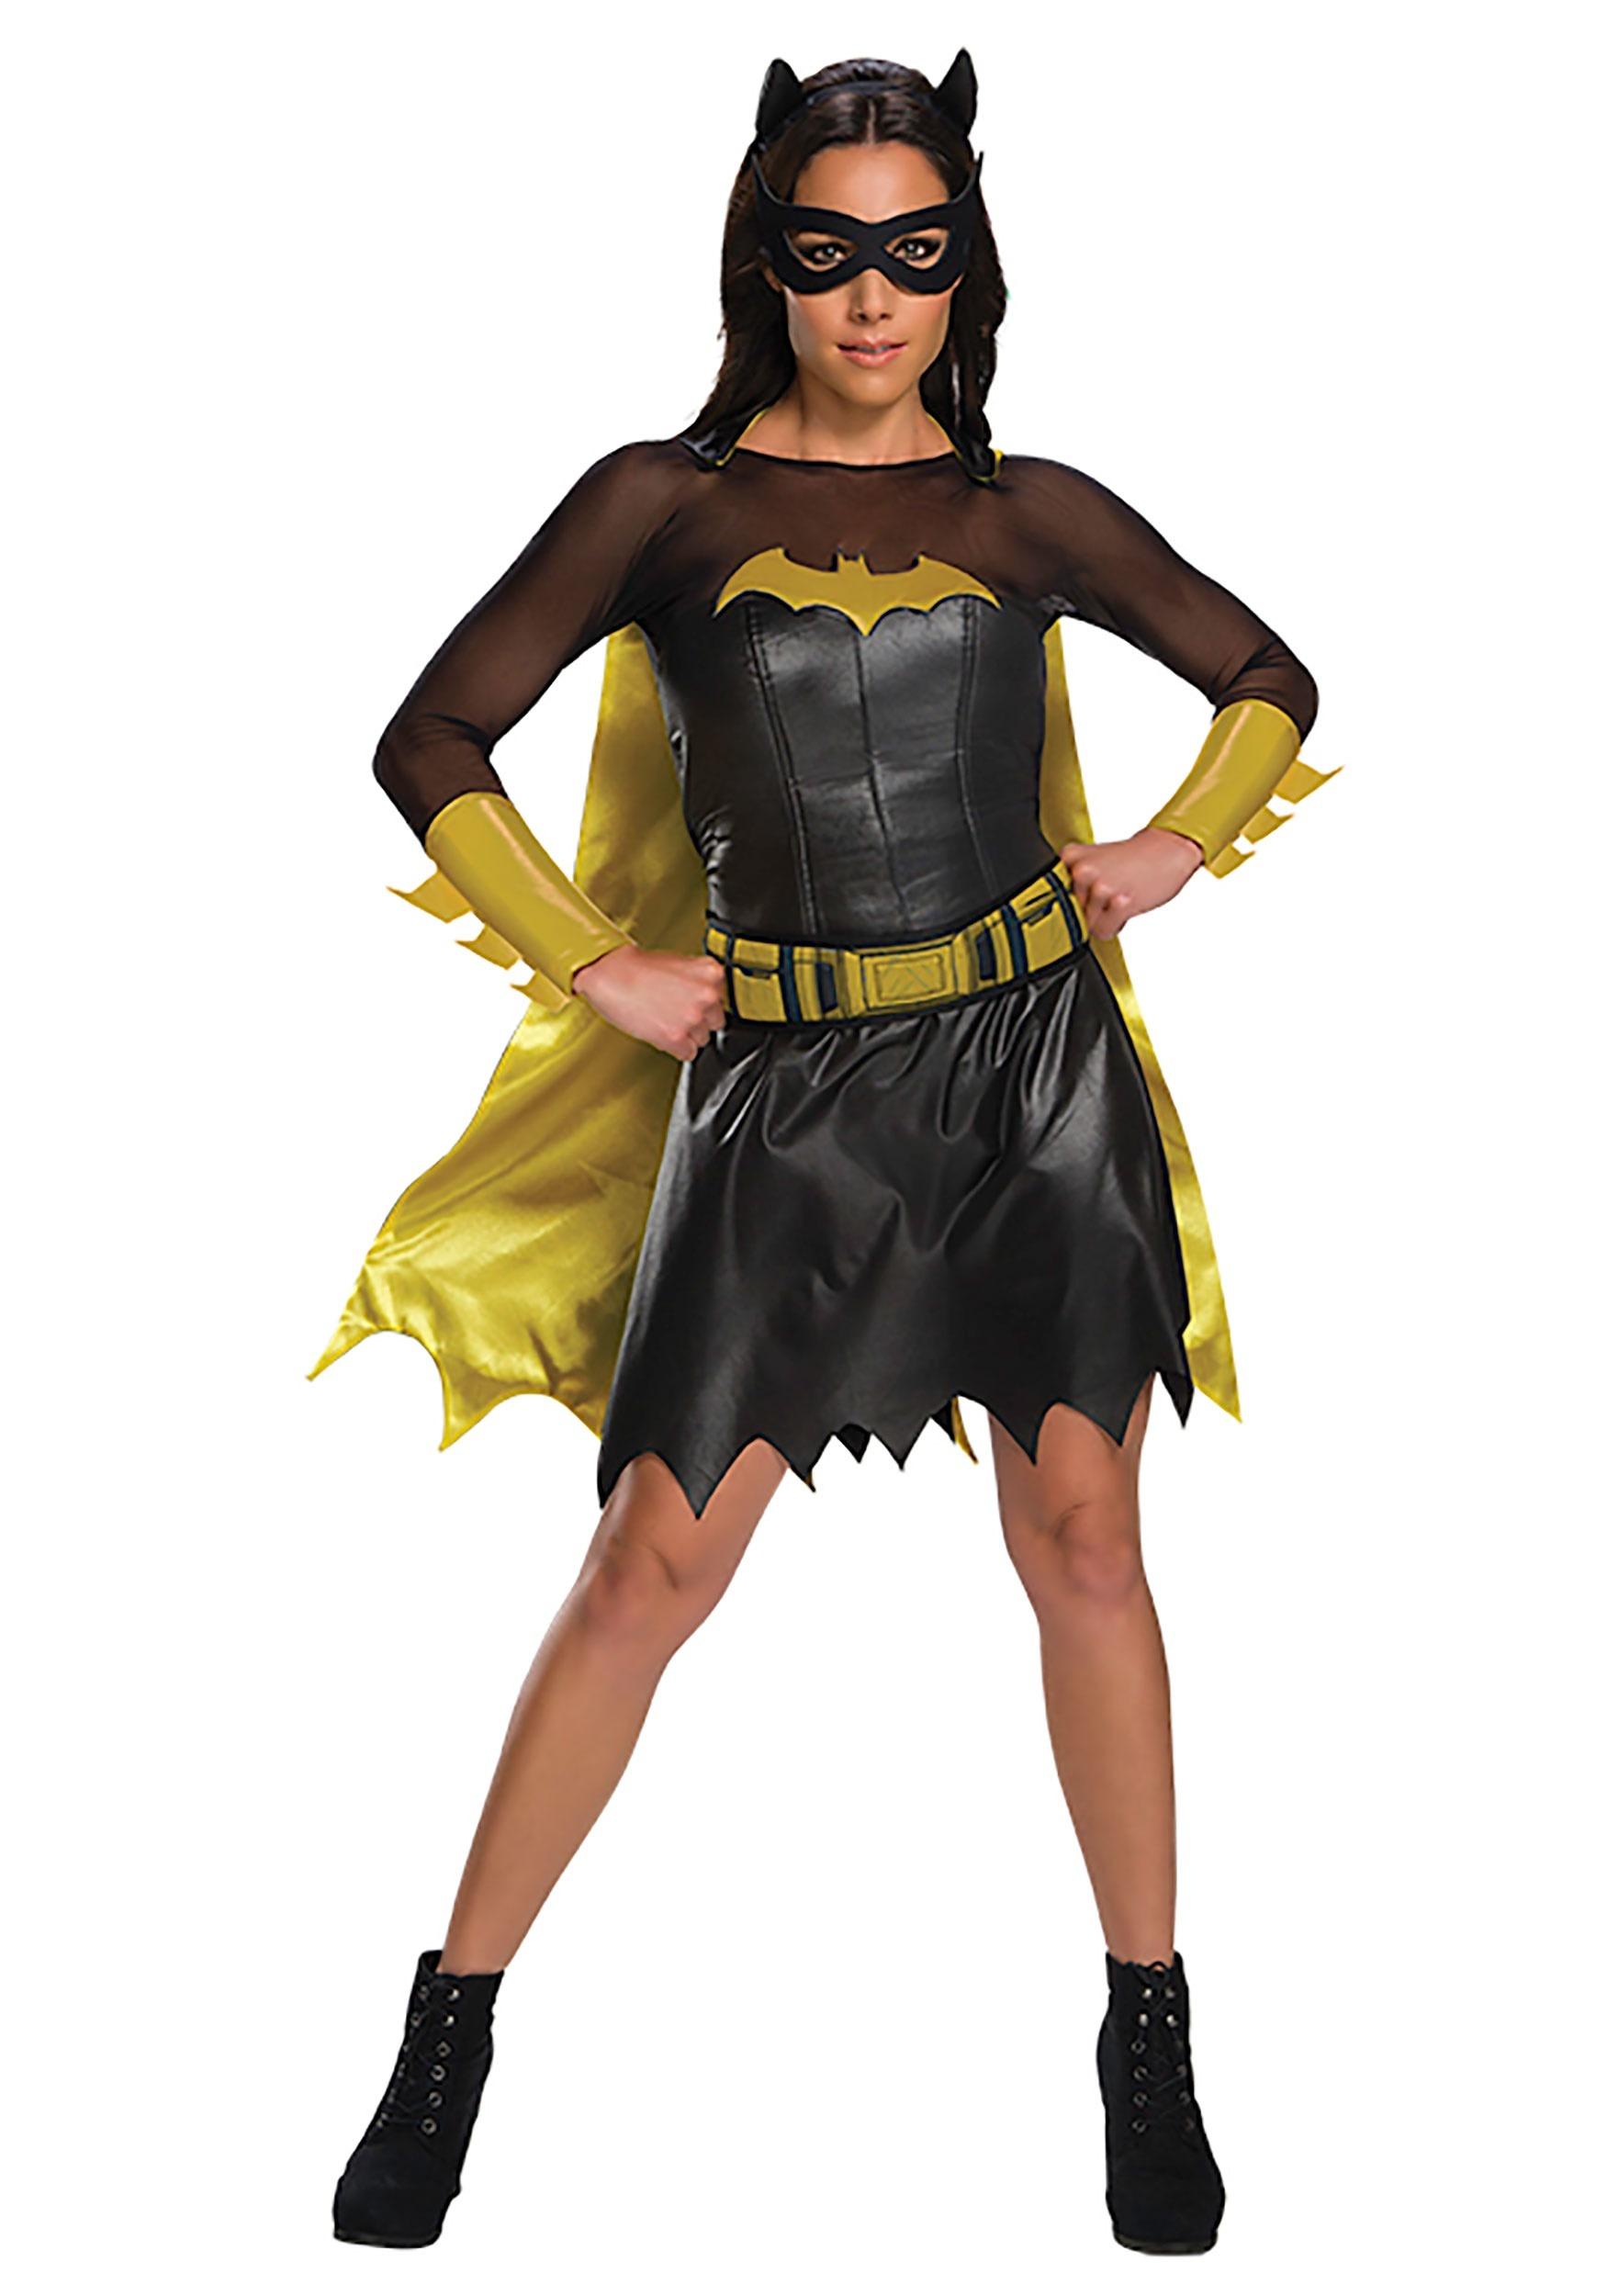 DC Deluxe Batgirl Women's CostumeBatgirl Costumes